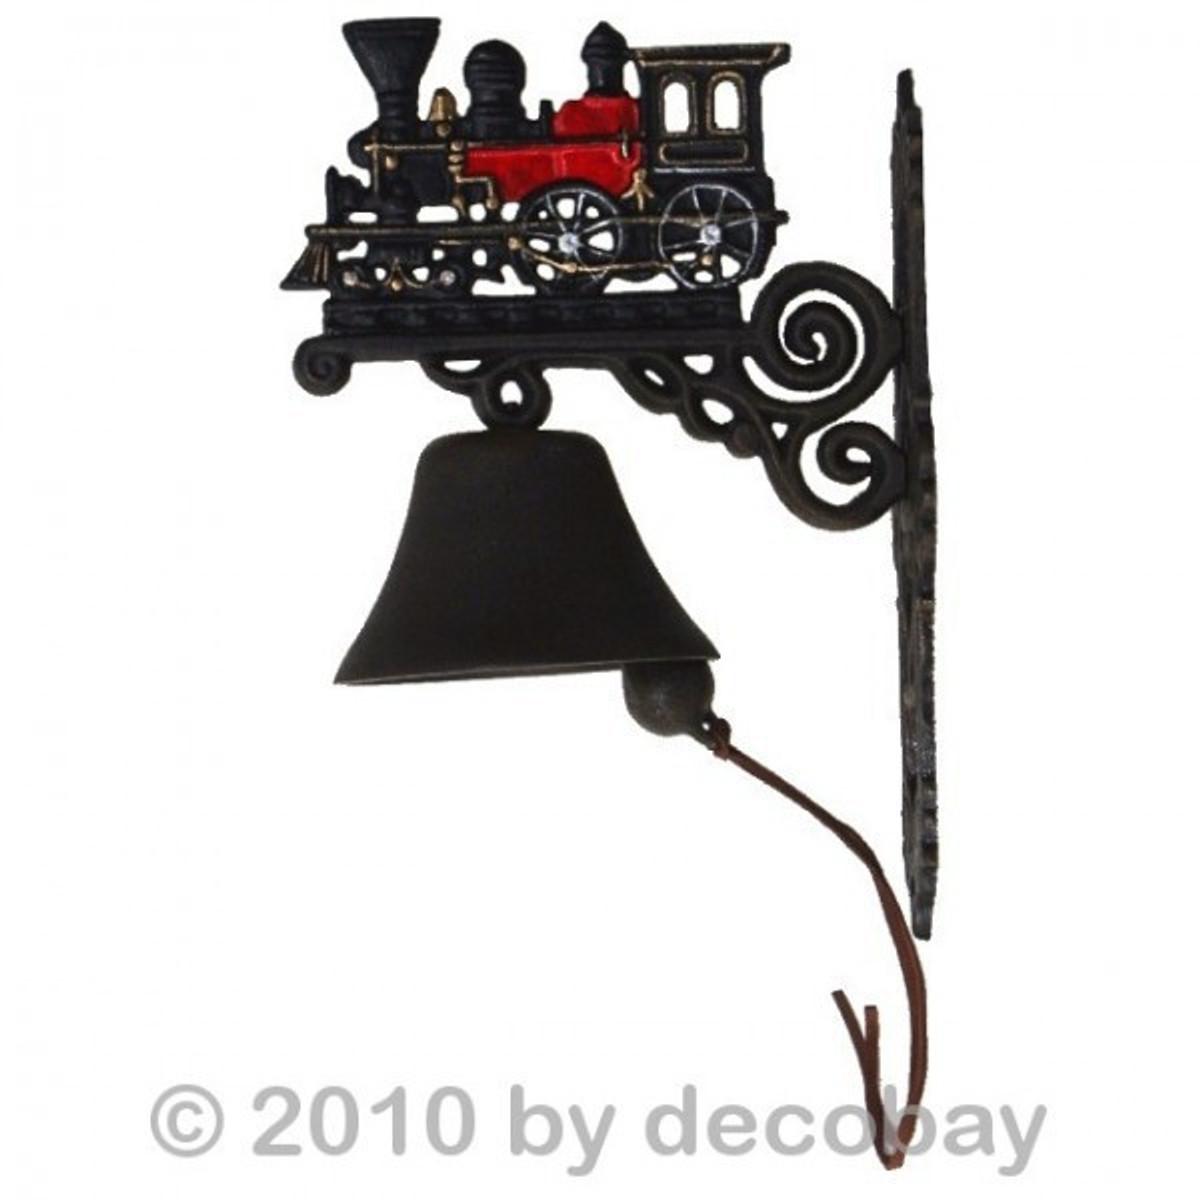 Glocke Gusseisen mit Eisenbahn Motiv für den Hauseingang oder als Gartendekoration.